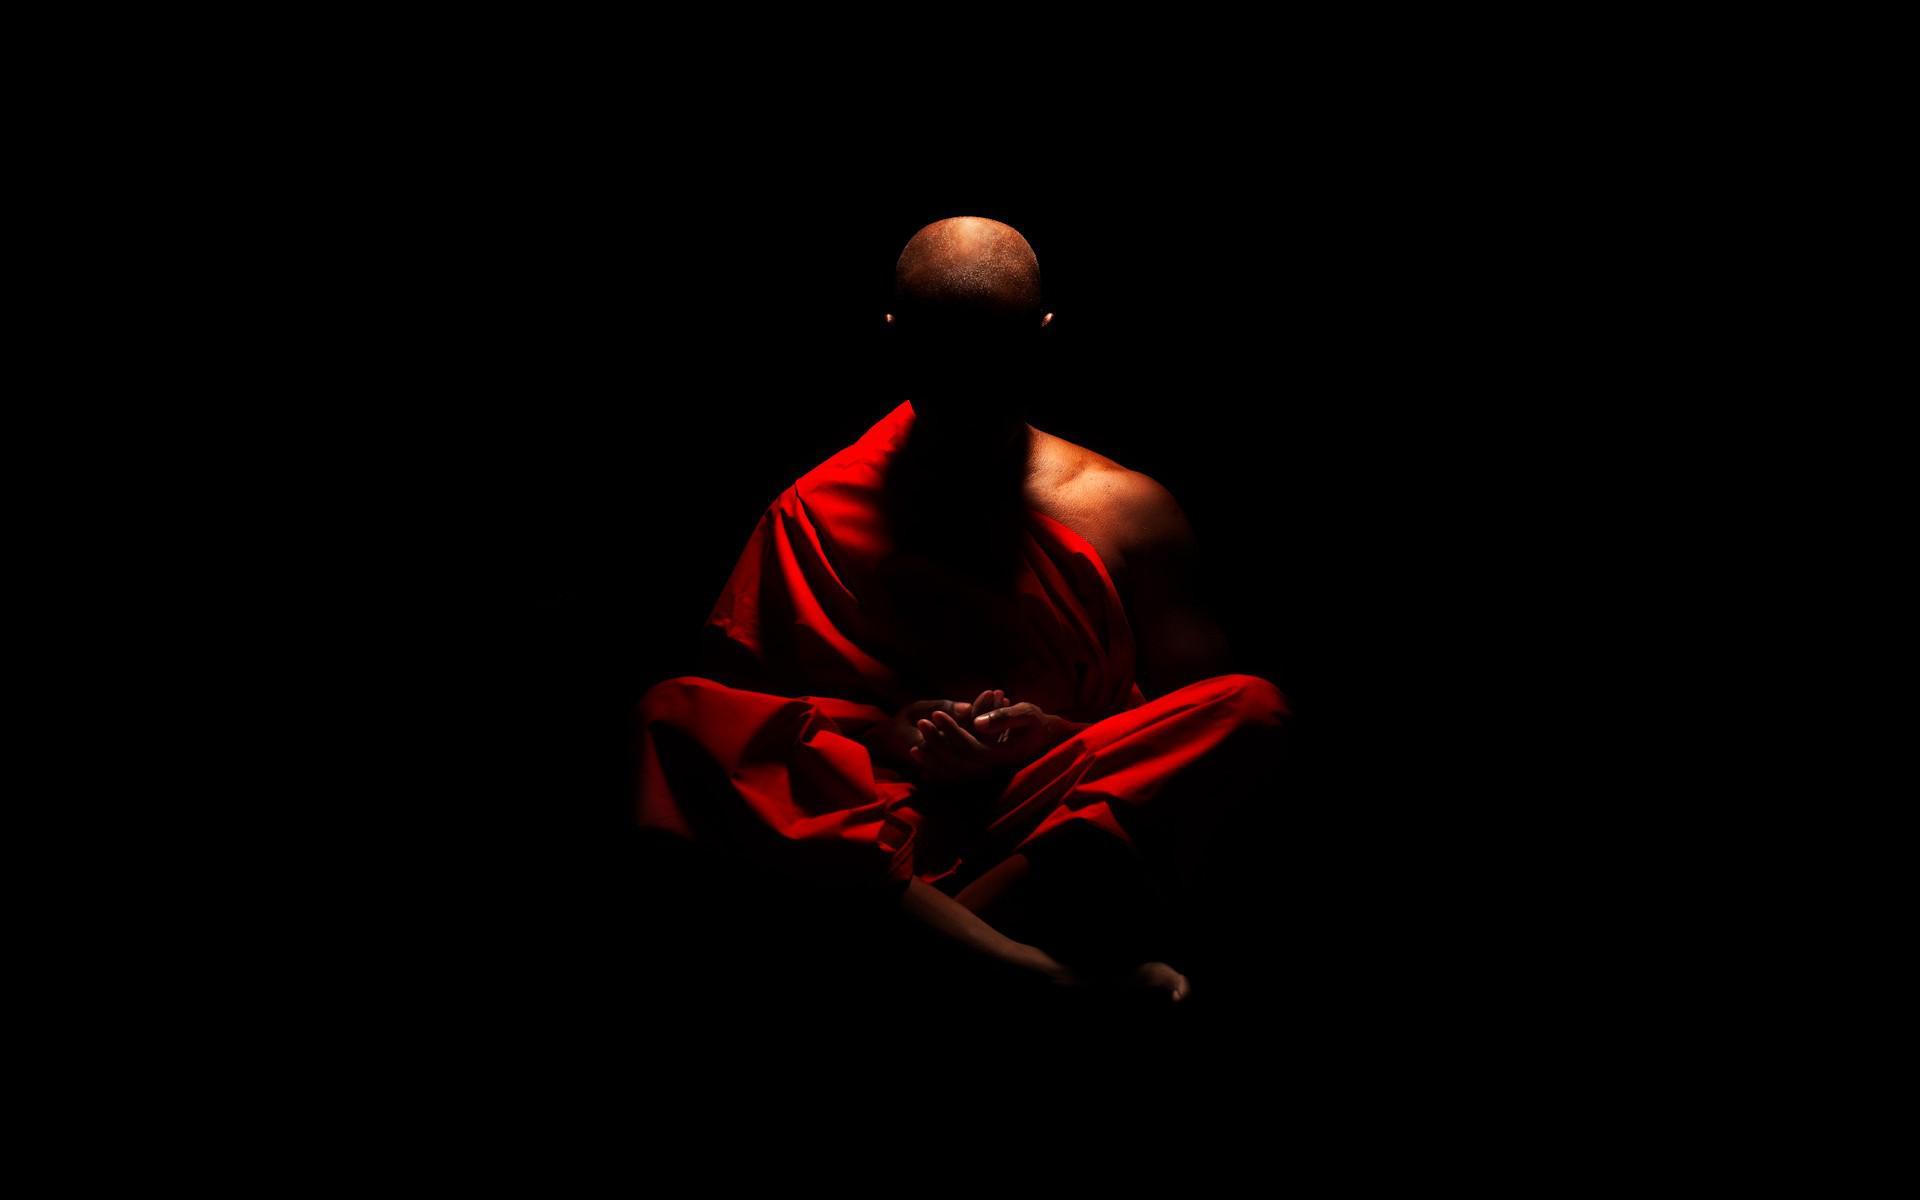 νοητική διαύγεια και ηρεμία μυαλού.